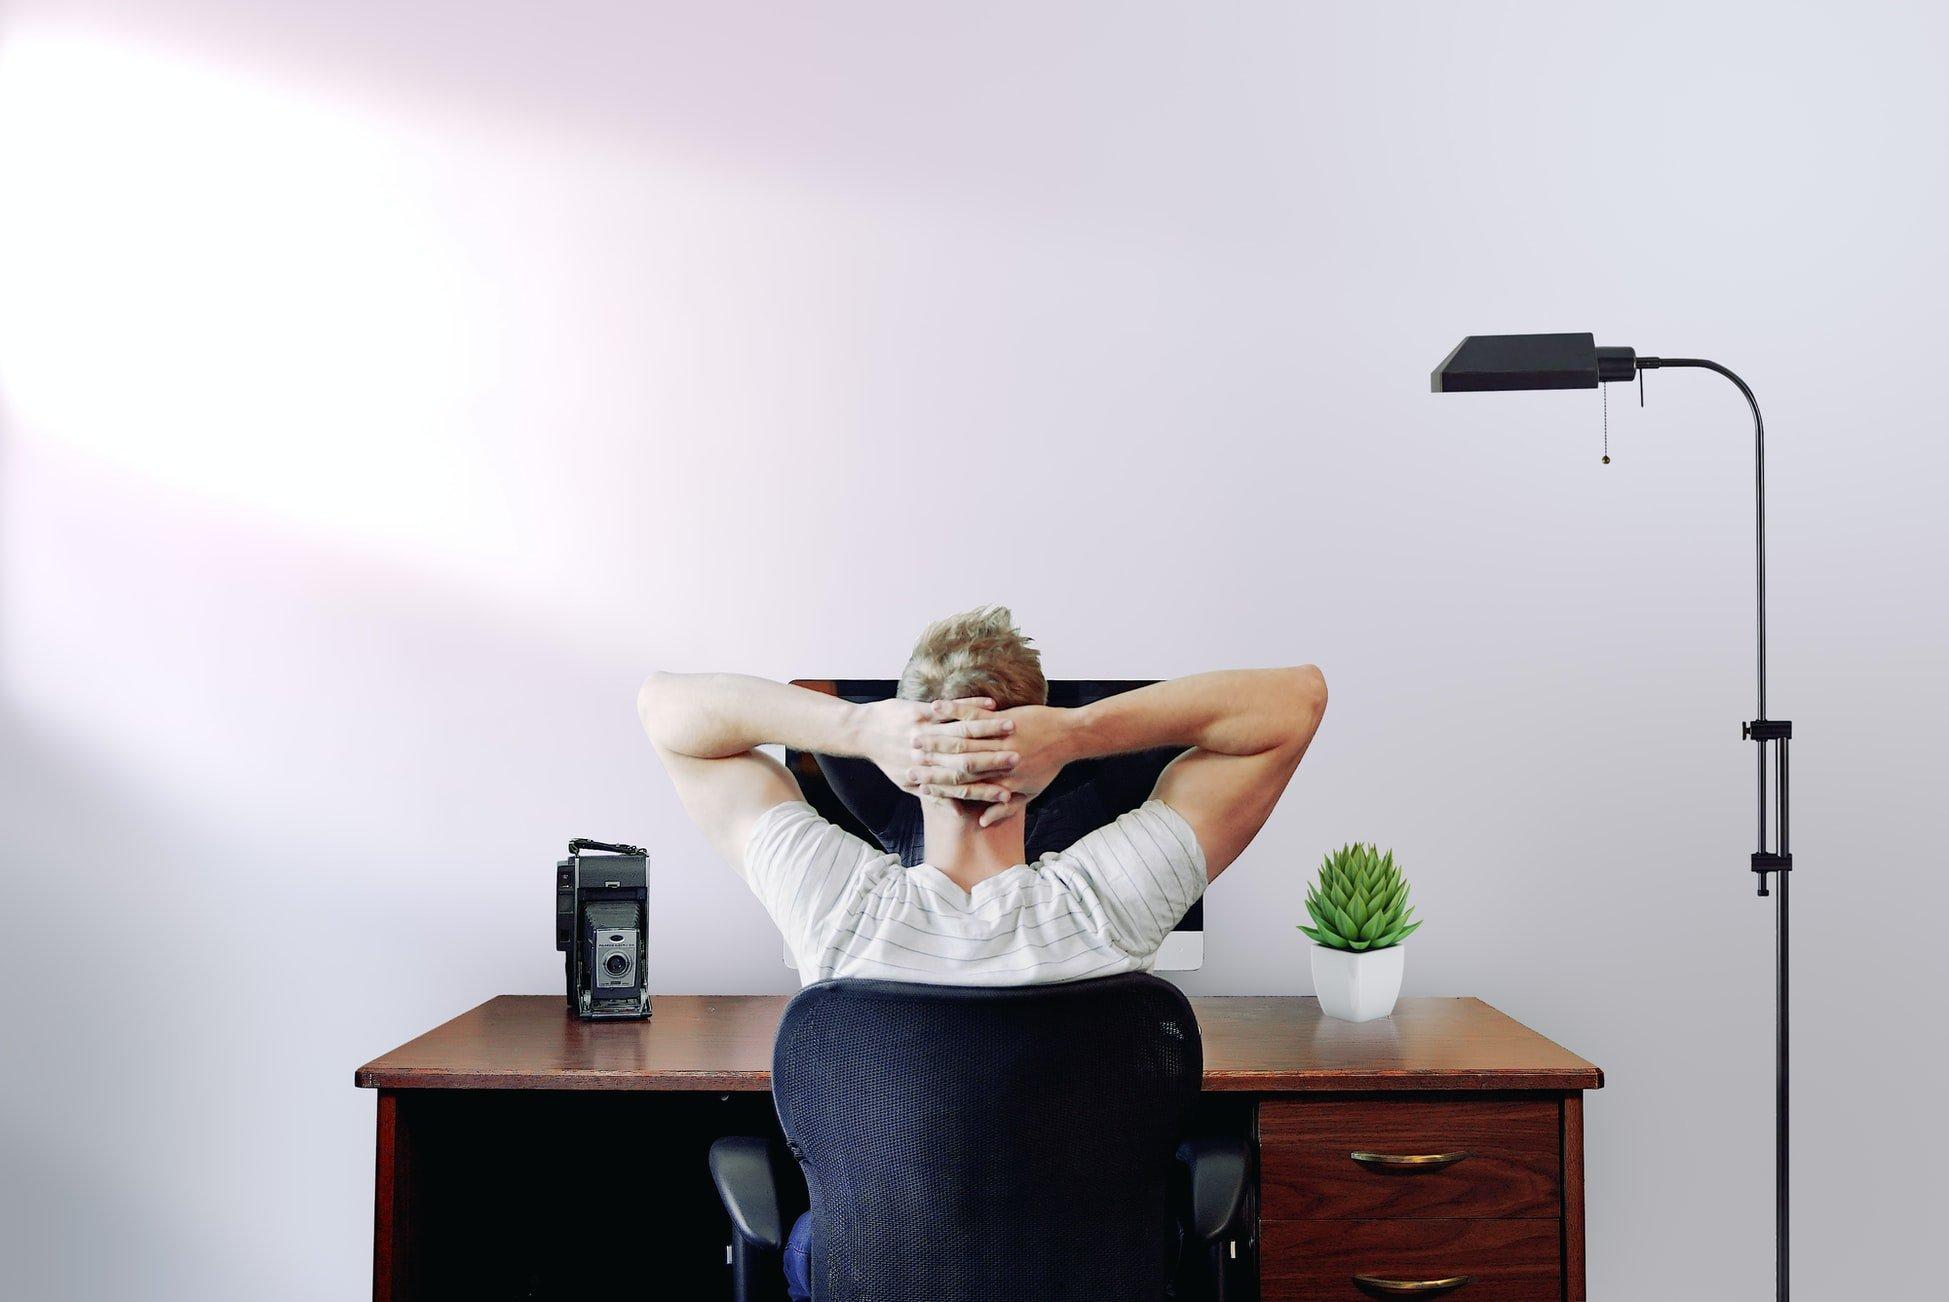 Ensam på hemmakontoret: Att övervinna sitt sämre jag